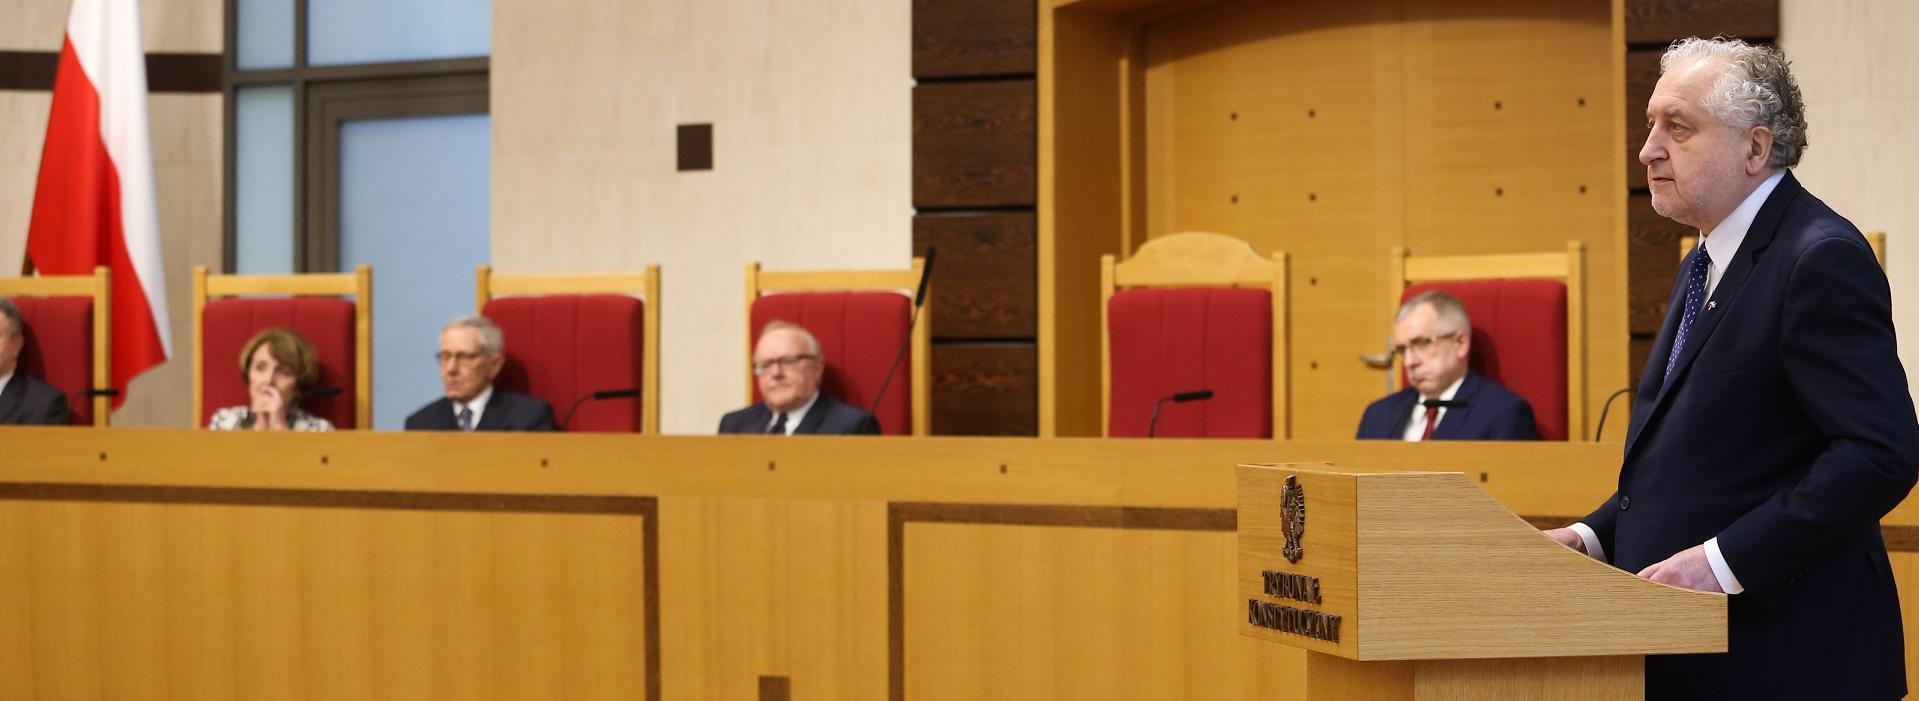 Komisja Wenecka zakończyła wizytę w Polsce